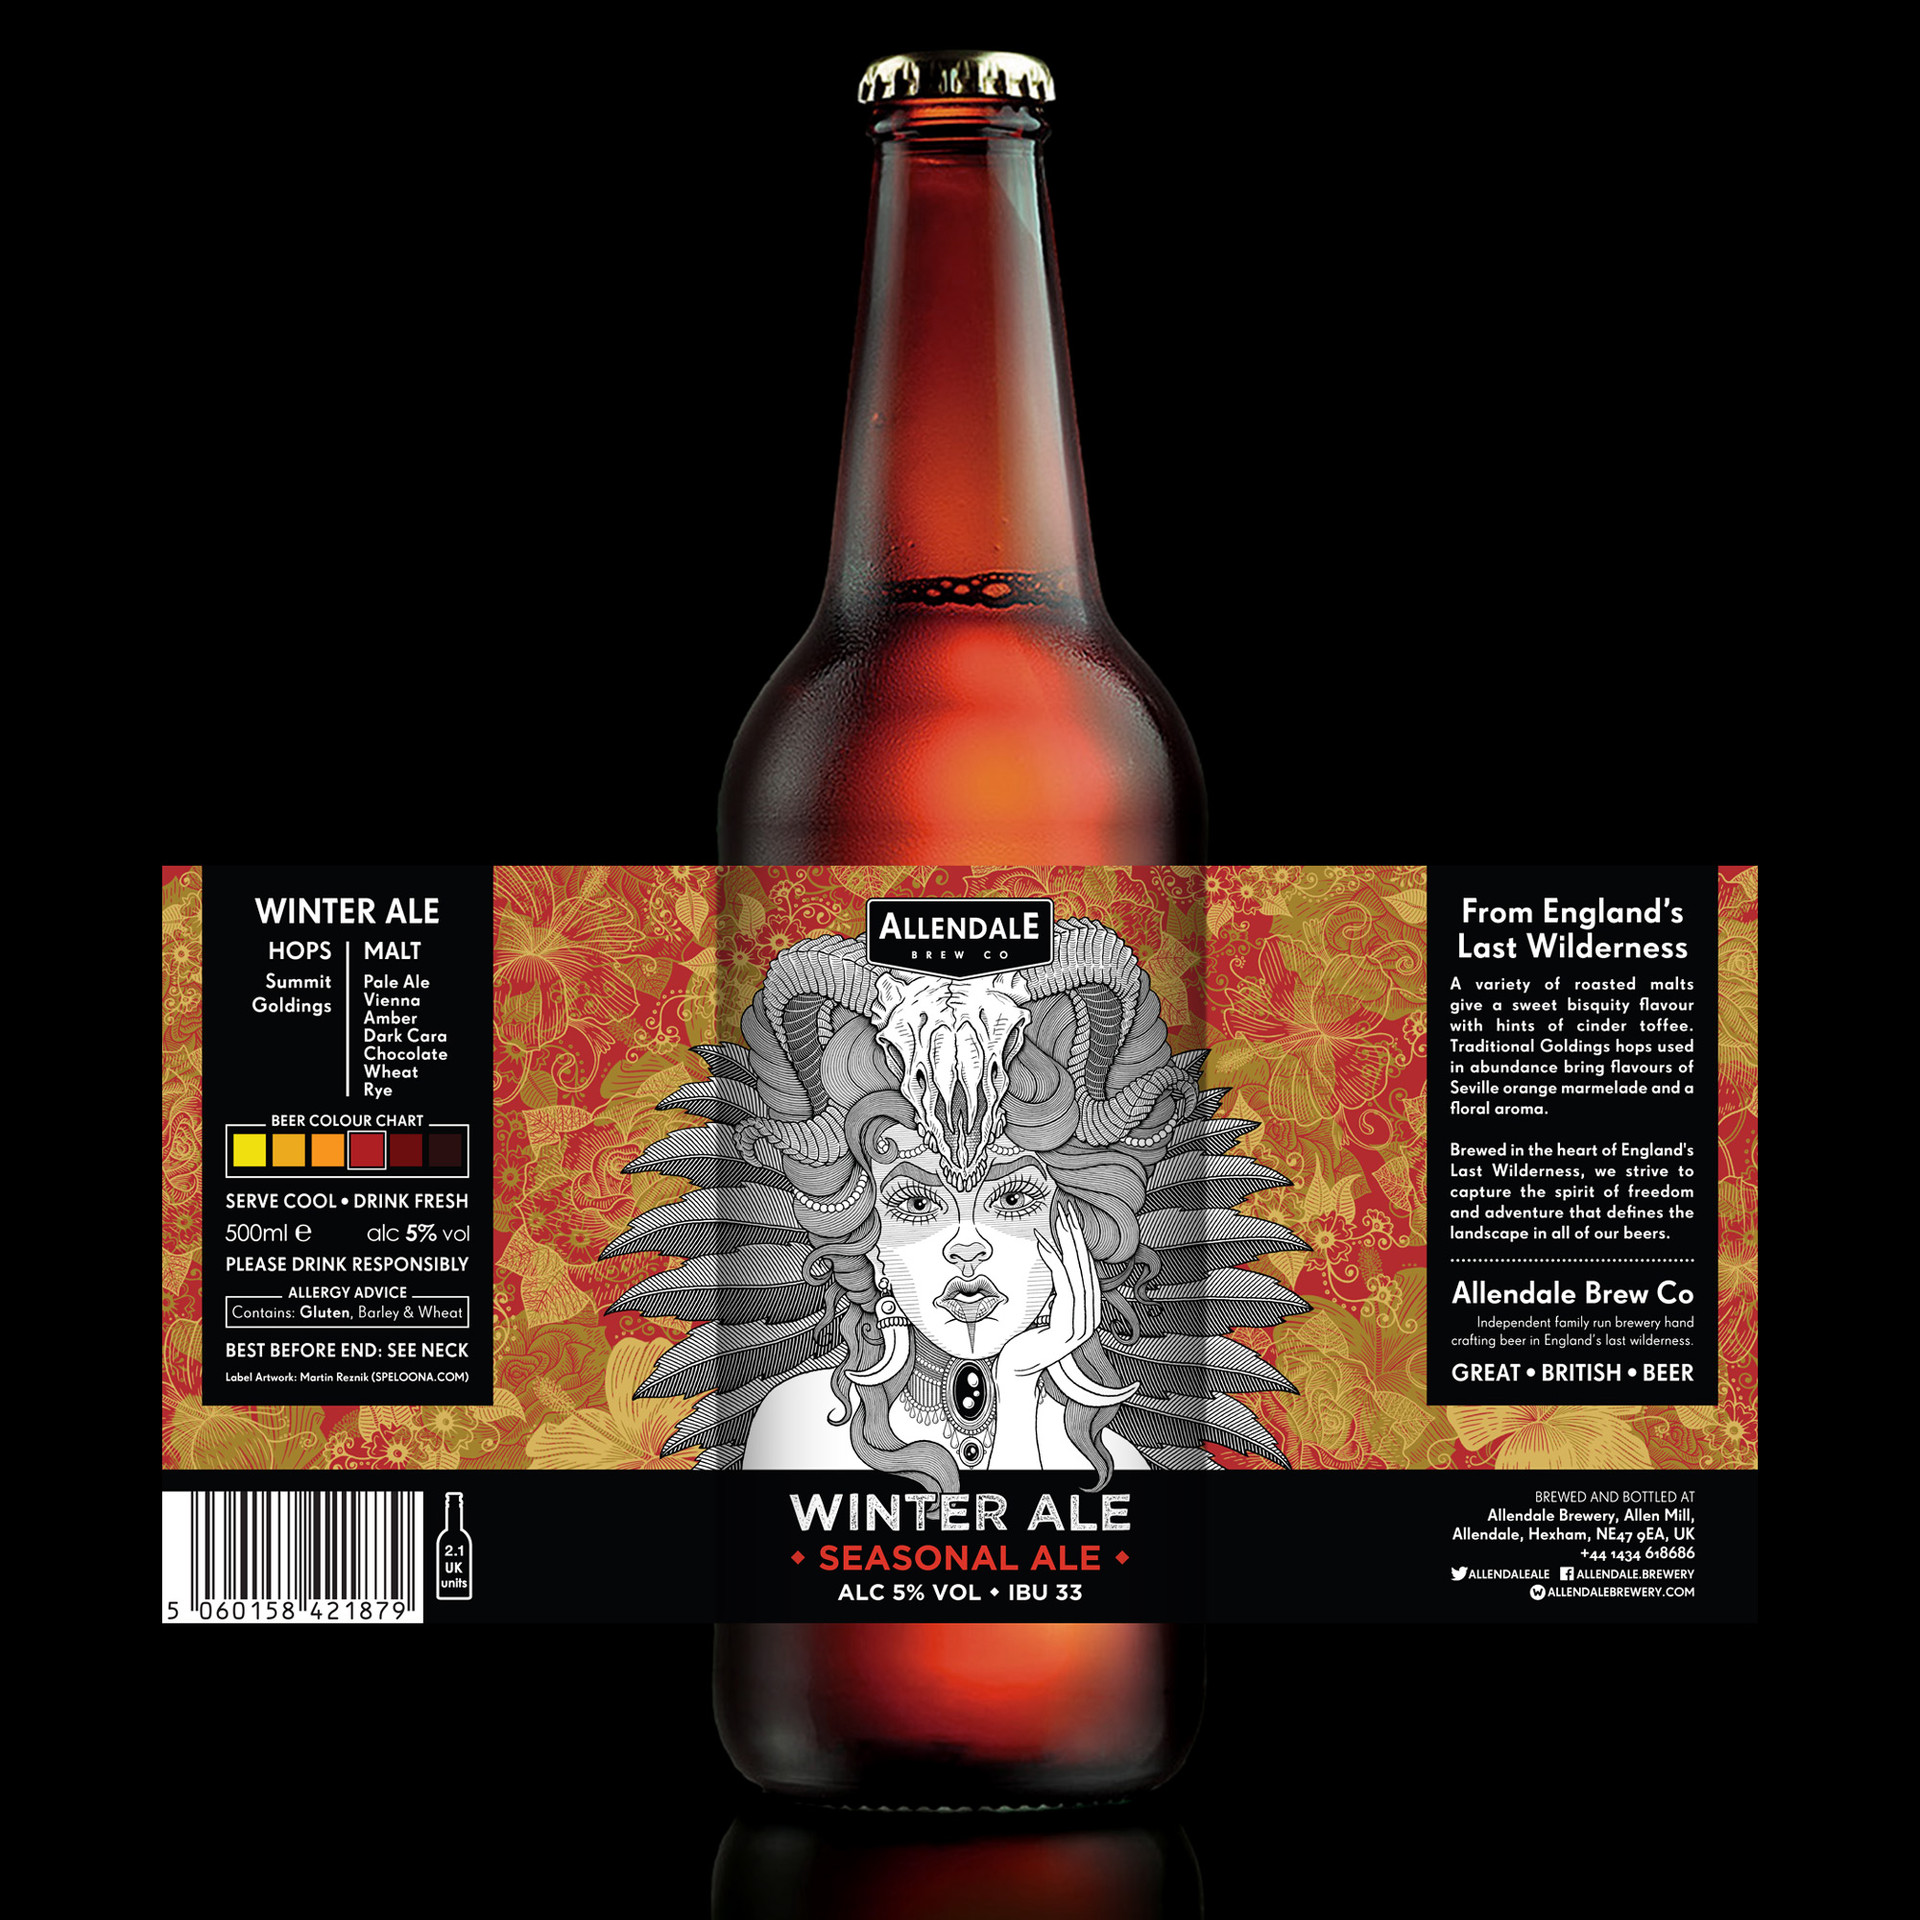 allendale-winter-ale-bottle-beer-label-d